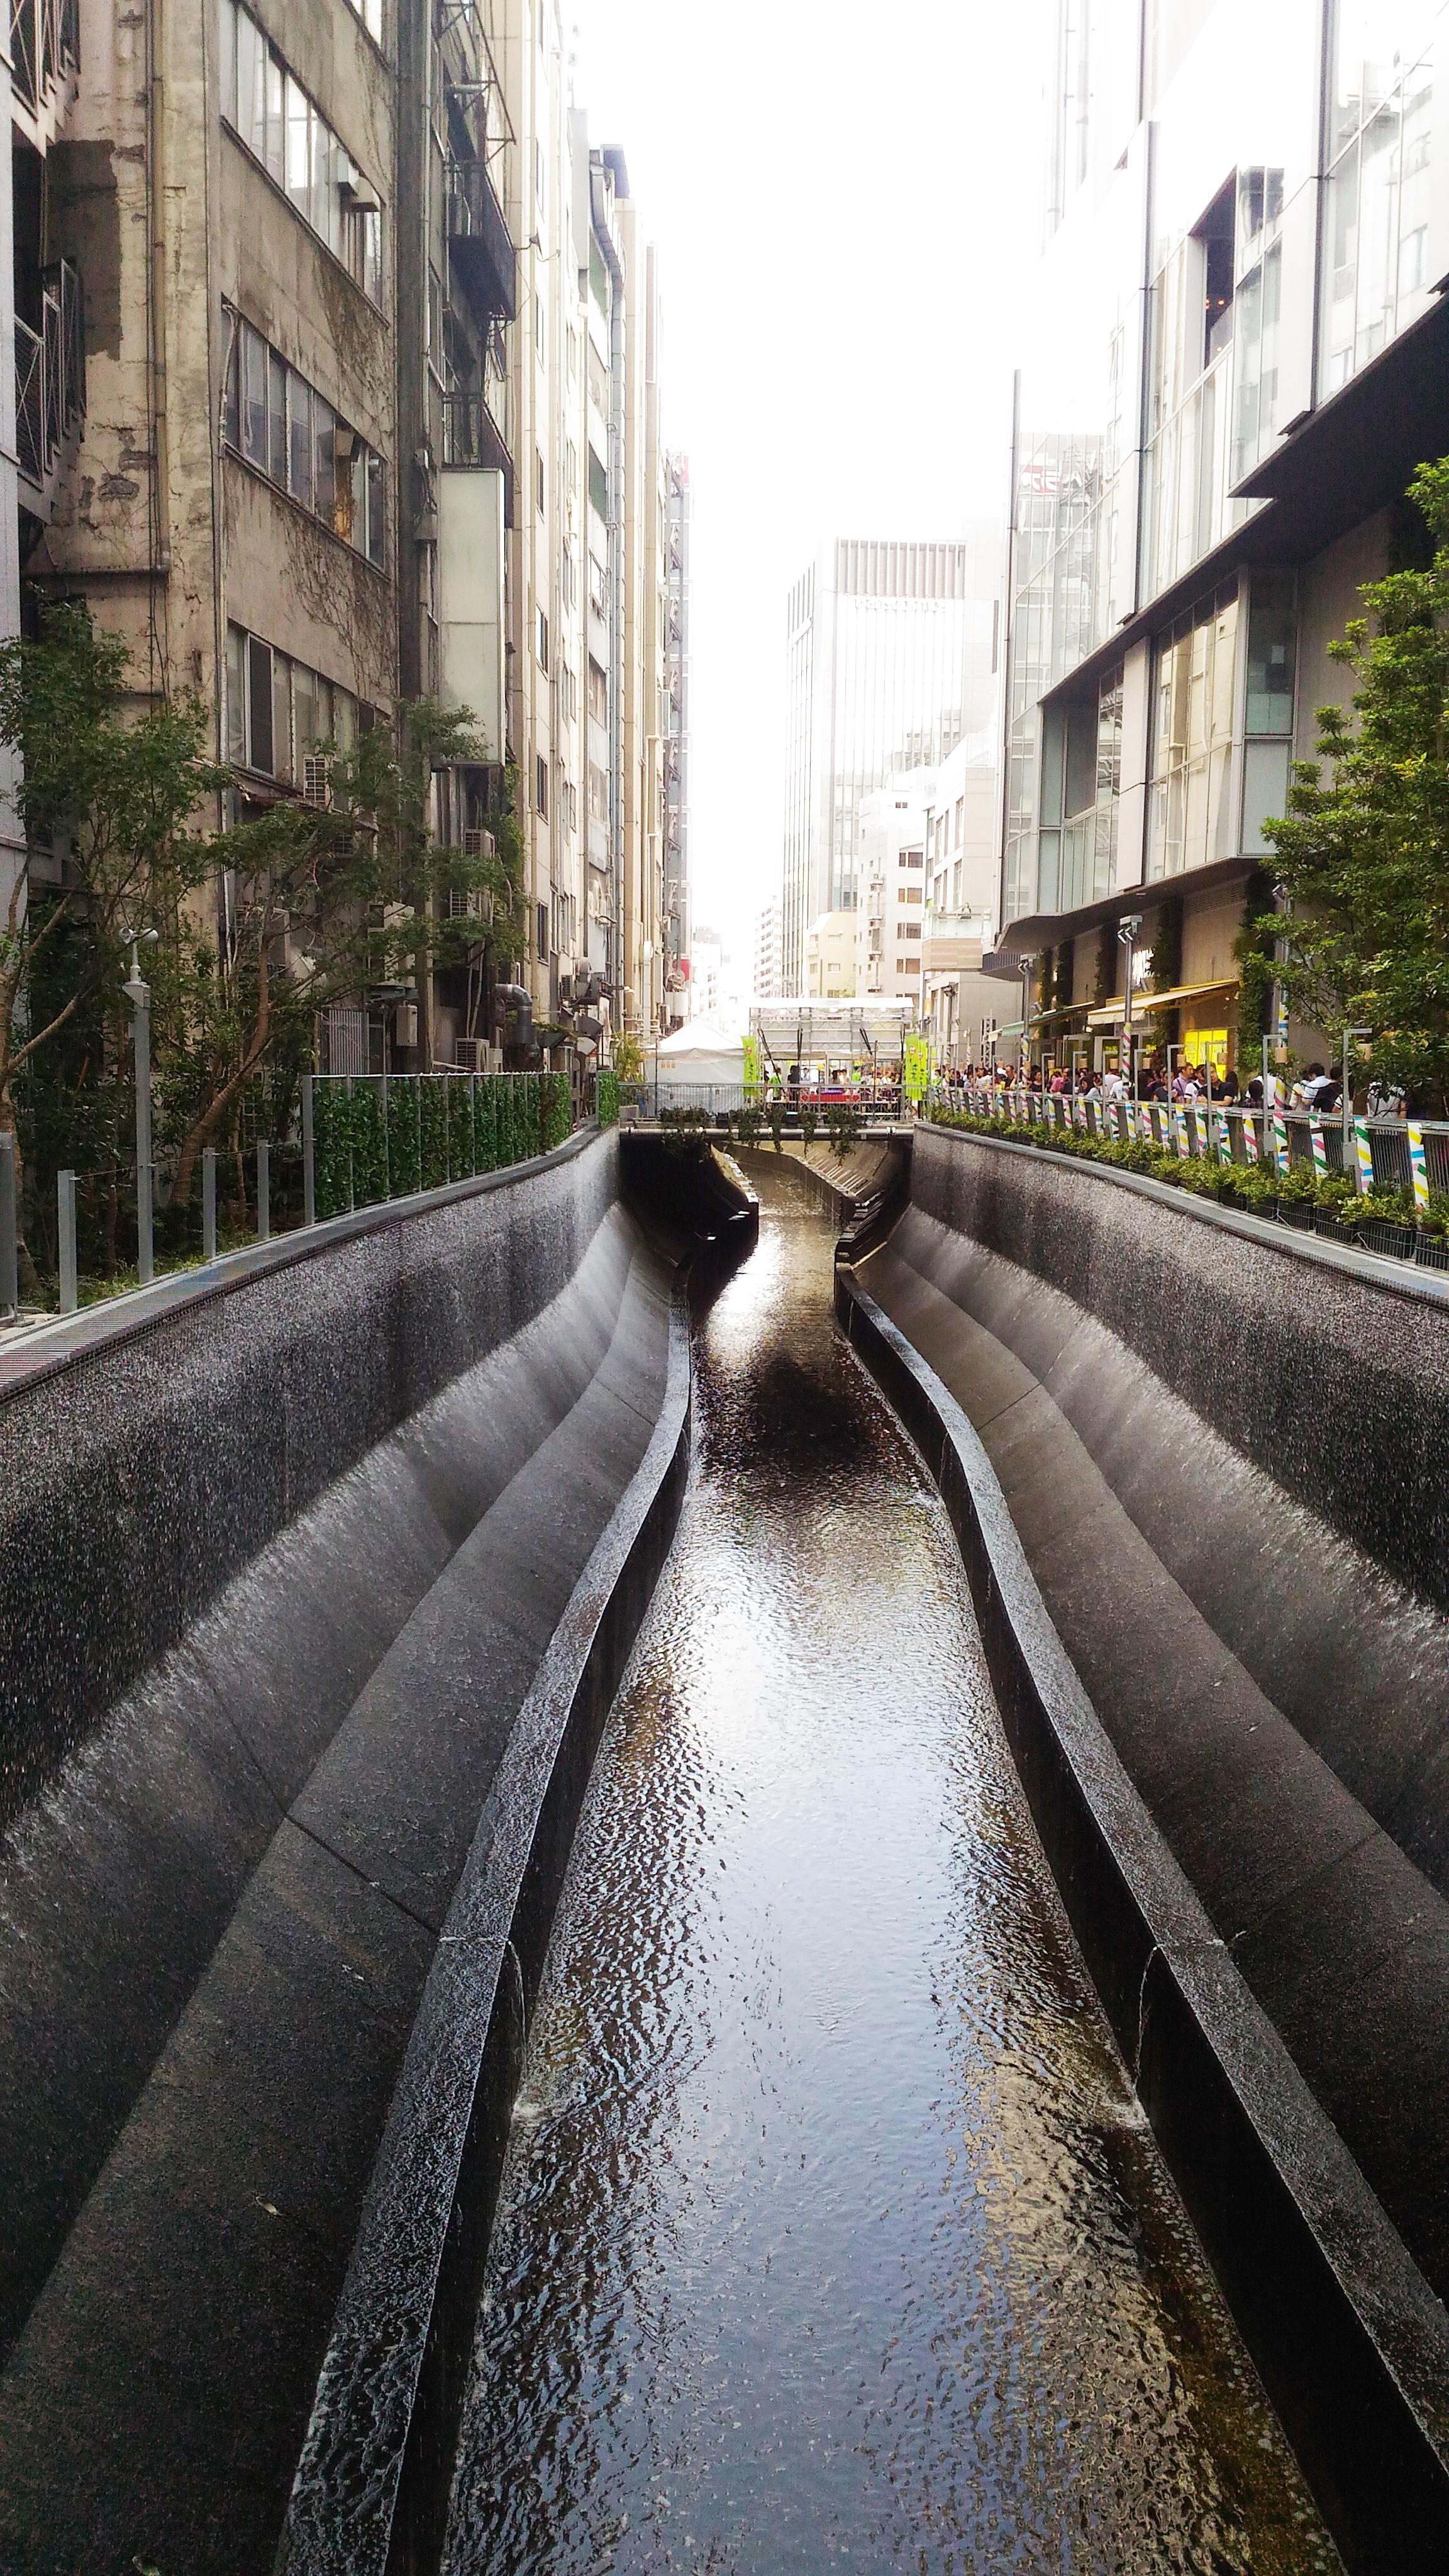 川 渋谷 渋谷川を歩く